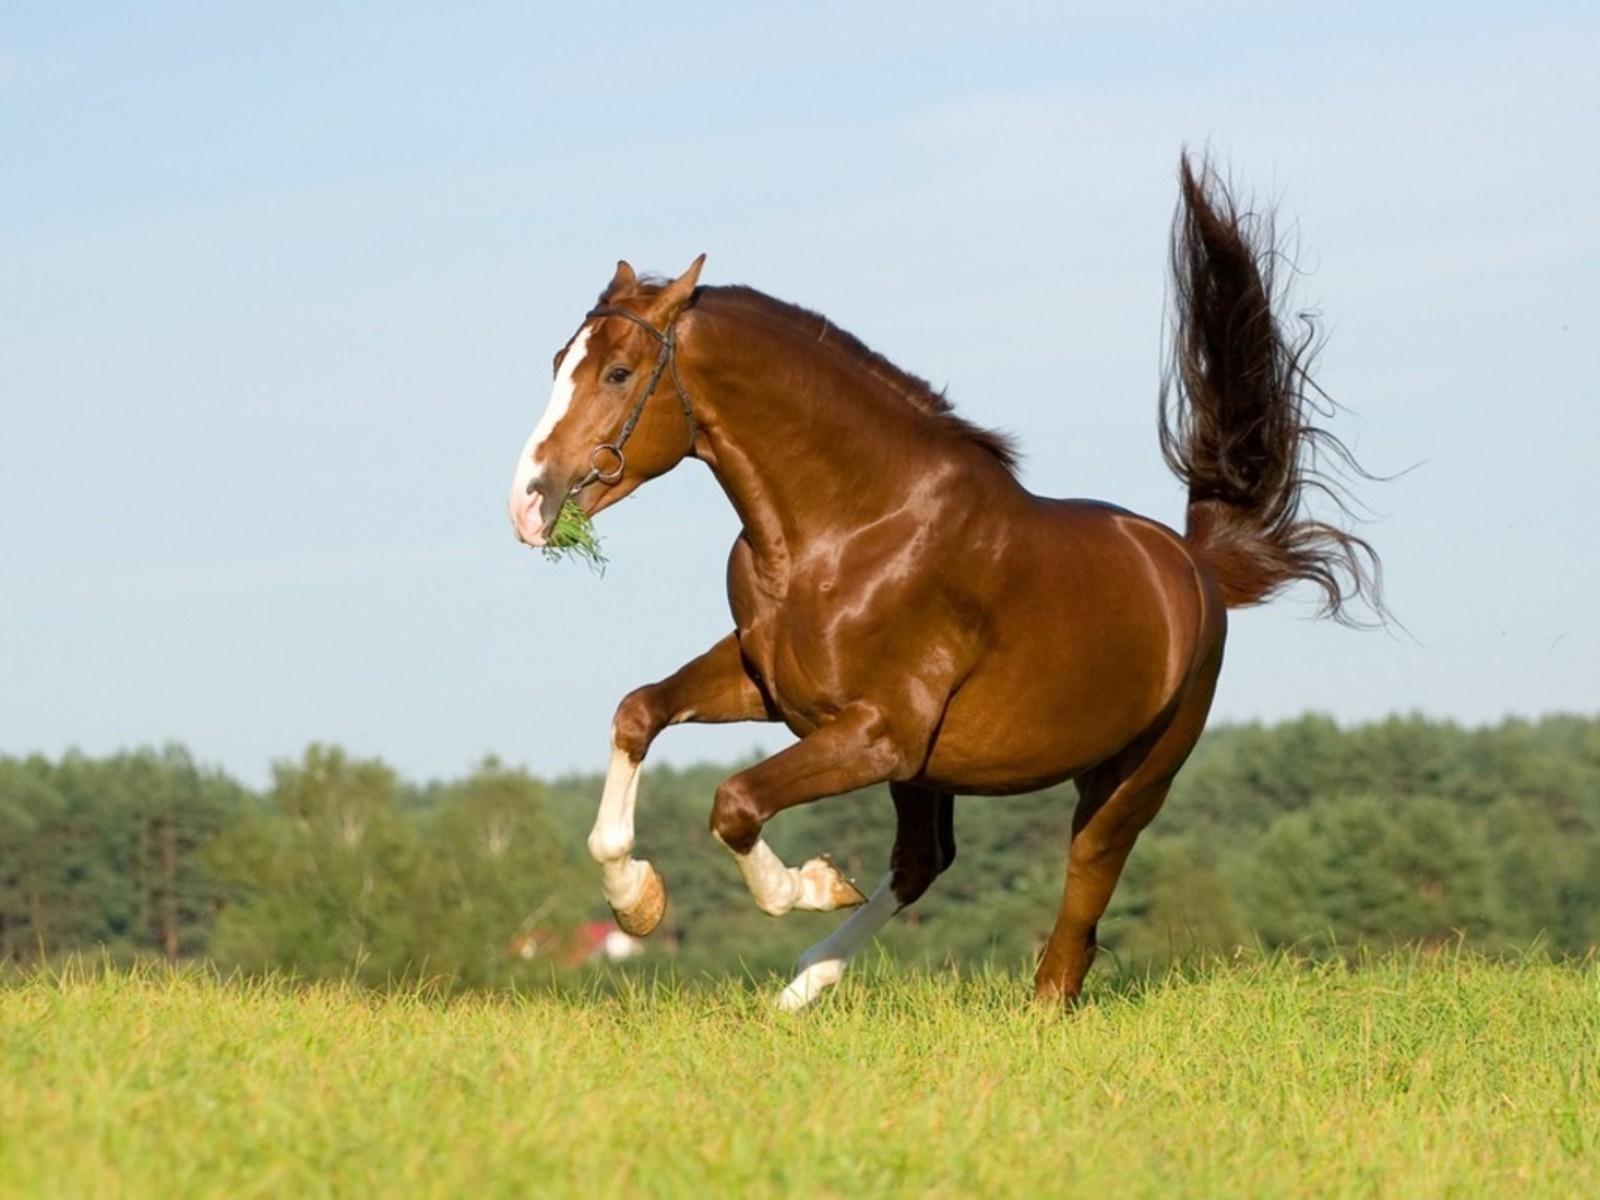 Популярные картинки Лошади в HD качестве